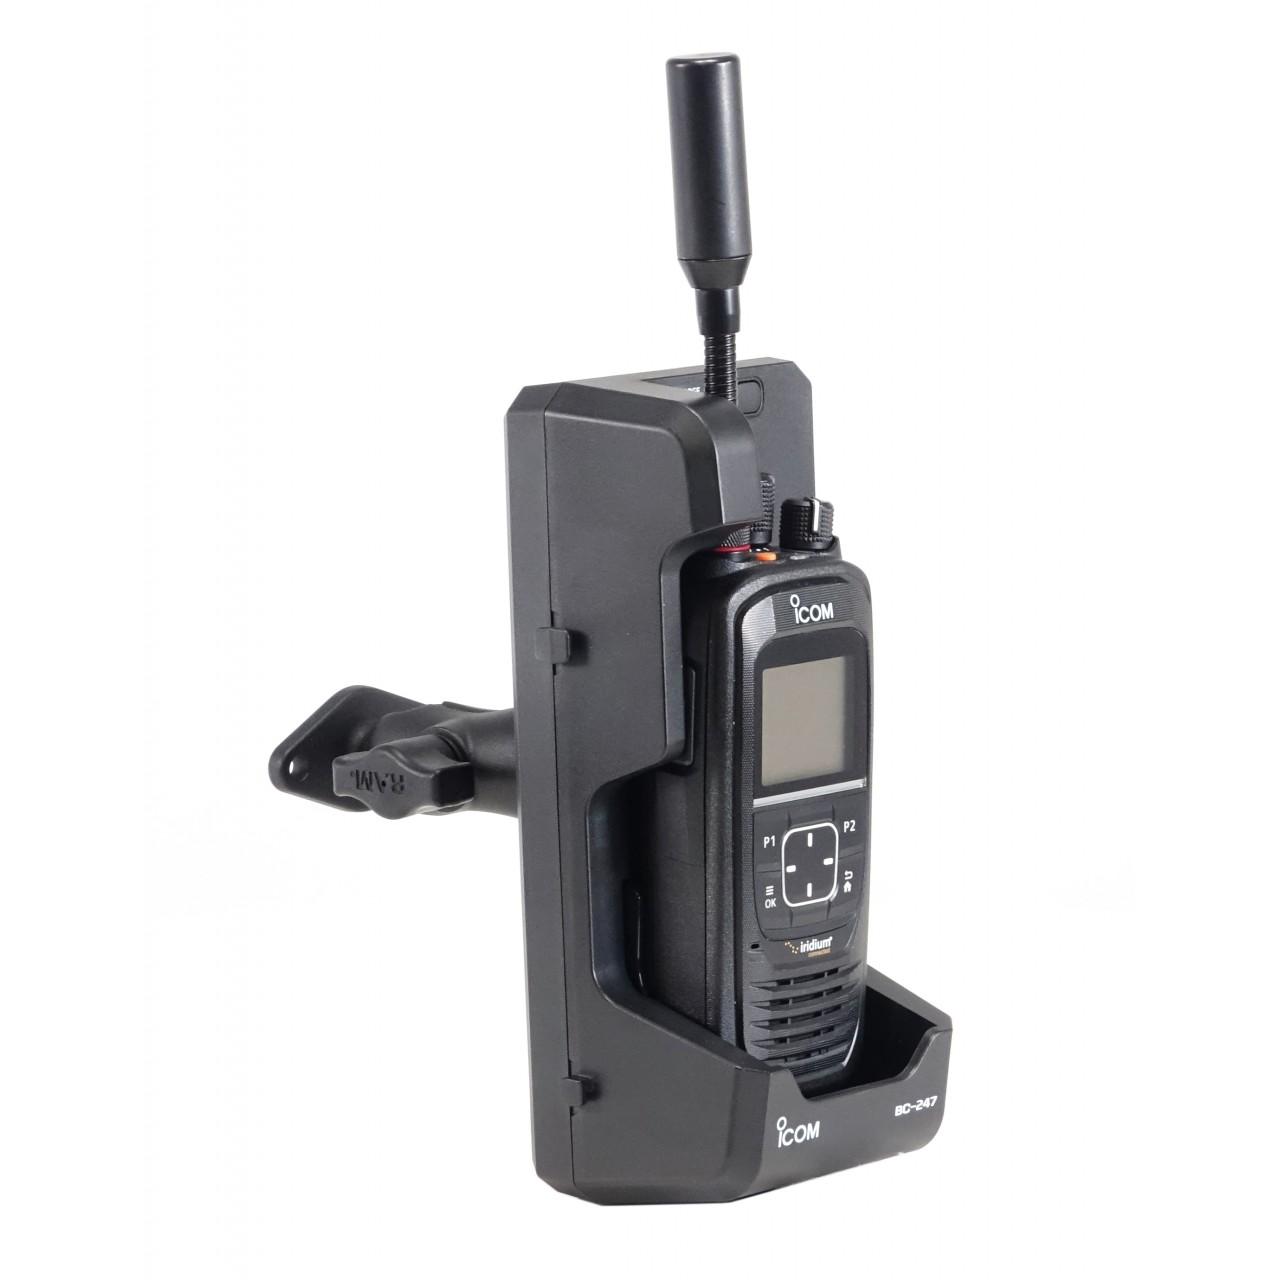 Support à visser pour chargeur BC-247 incluant une base à visser (standard AMPS). Présenté avec BC-247 et IC-SAT100